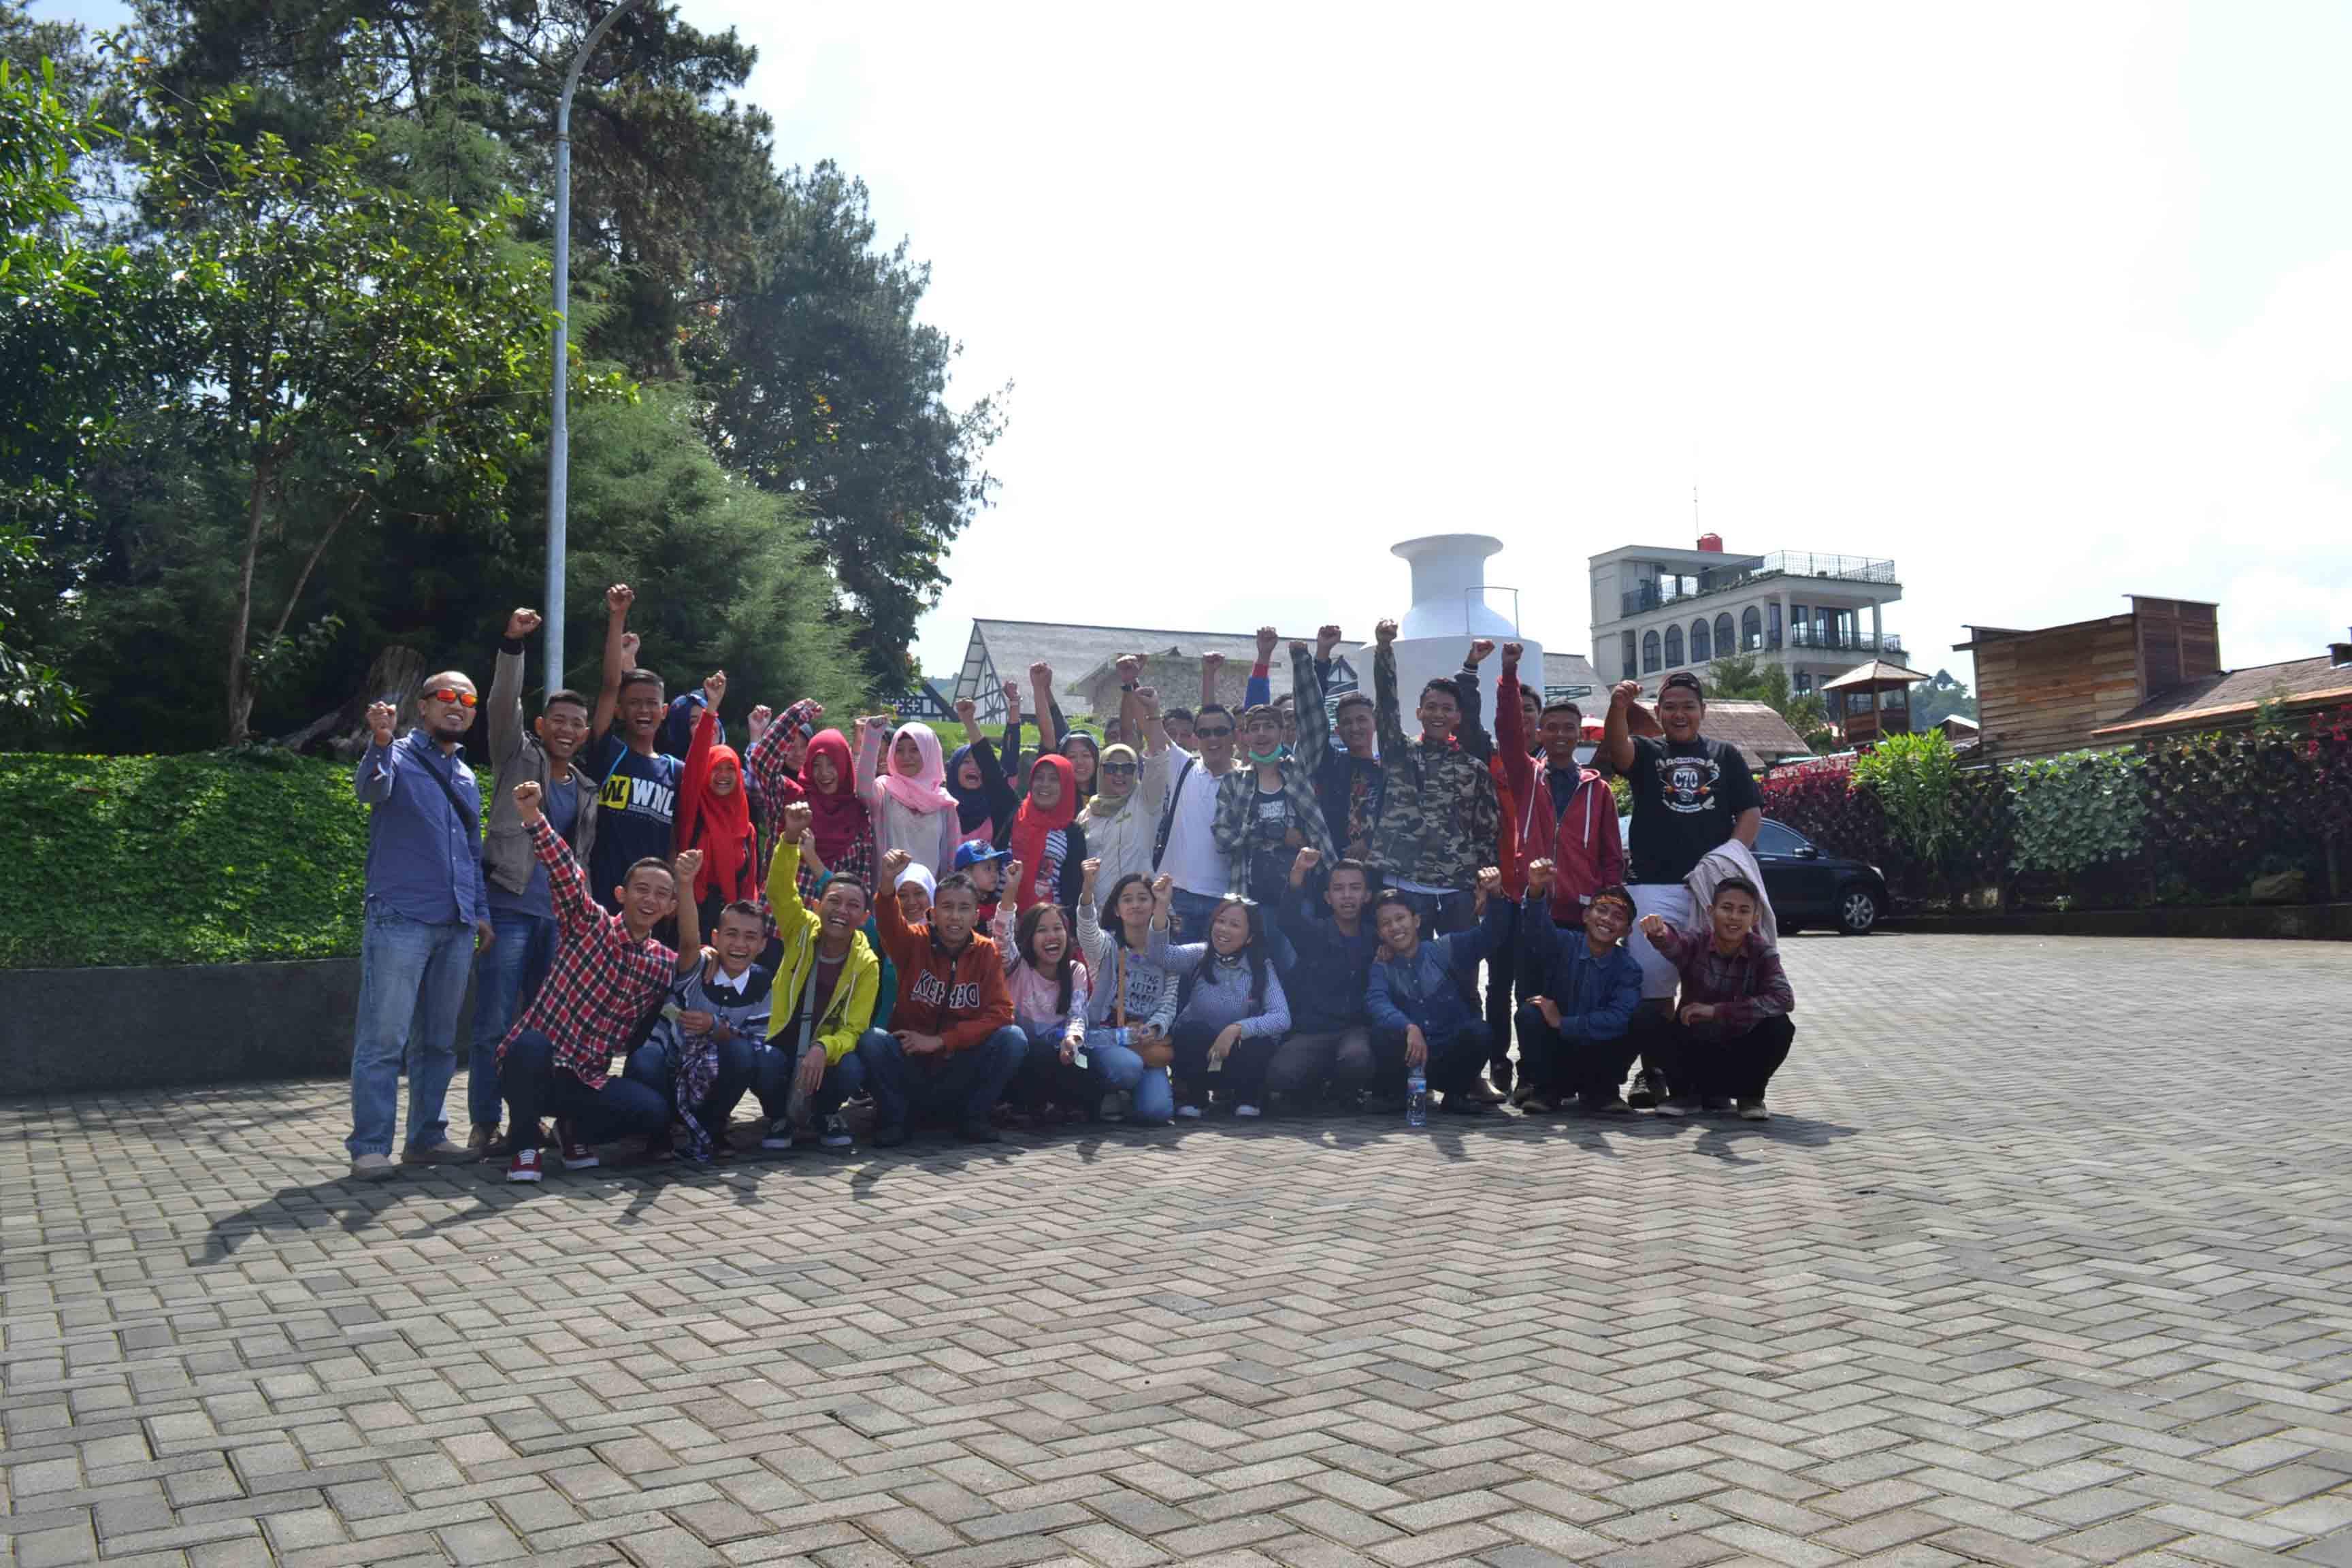 Sman 10 Garut - Bandung City Tour (lembang)